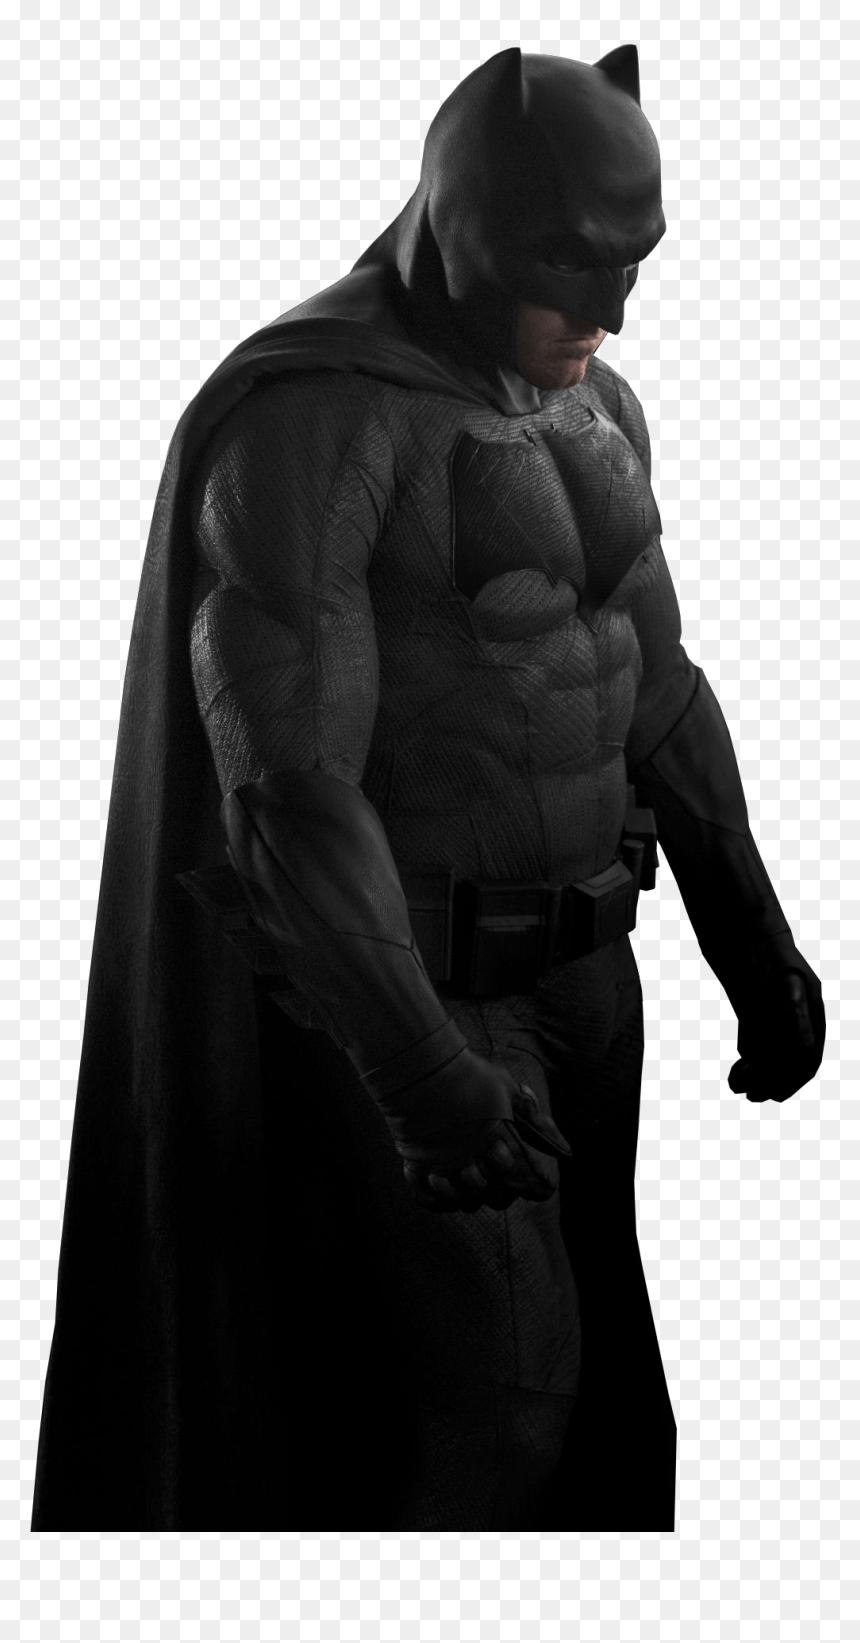 Ben Affleck Batman Logo Png - Ben Affleck Batman V ...